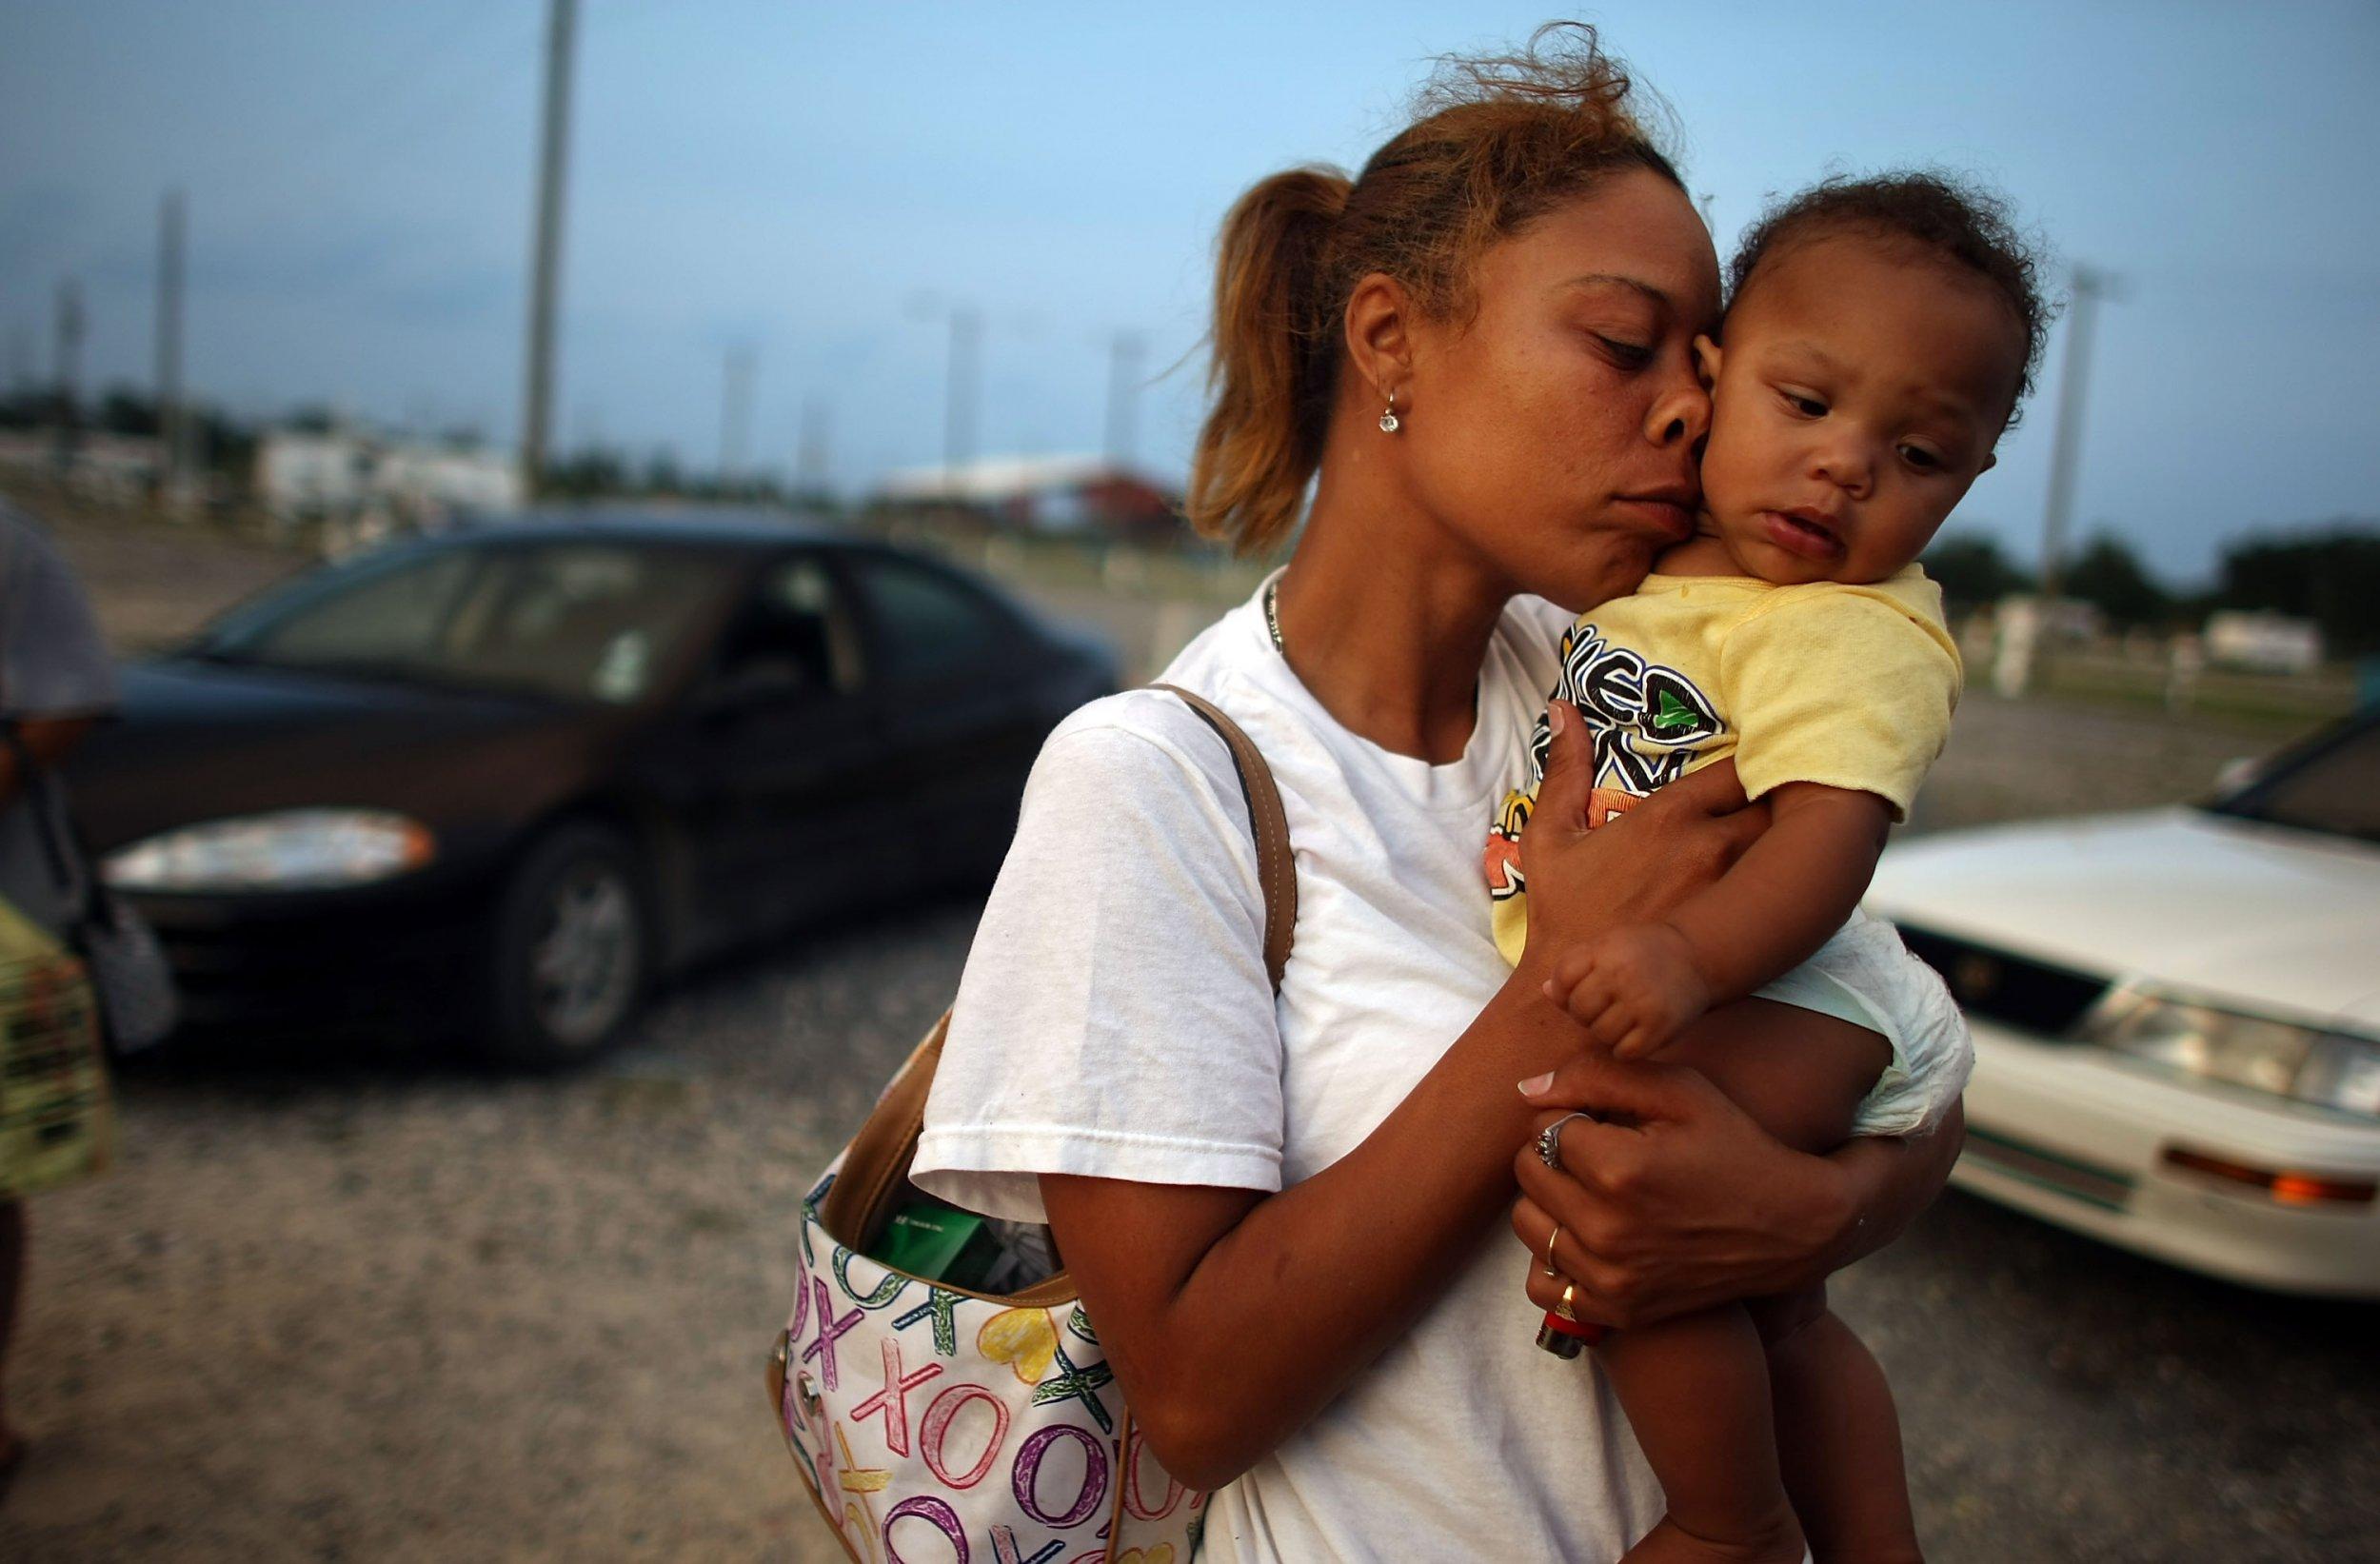 Blackfamilies